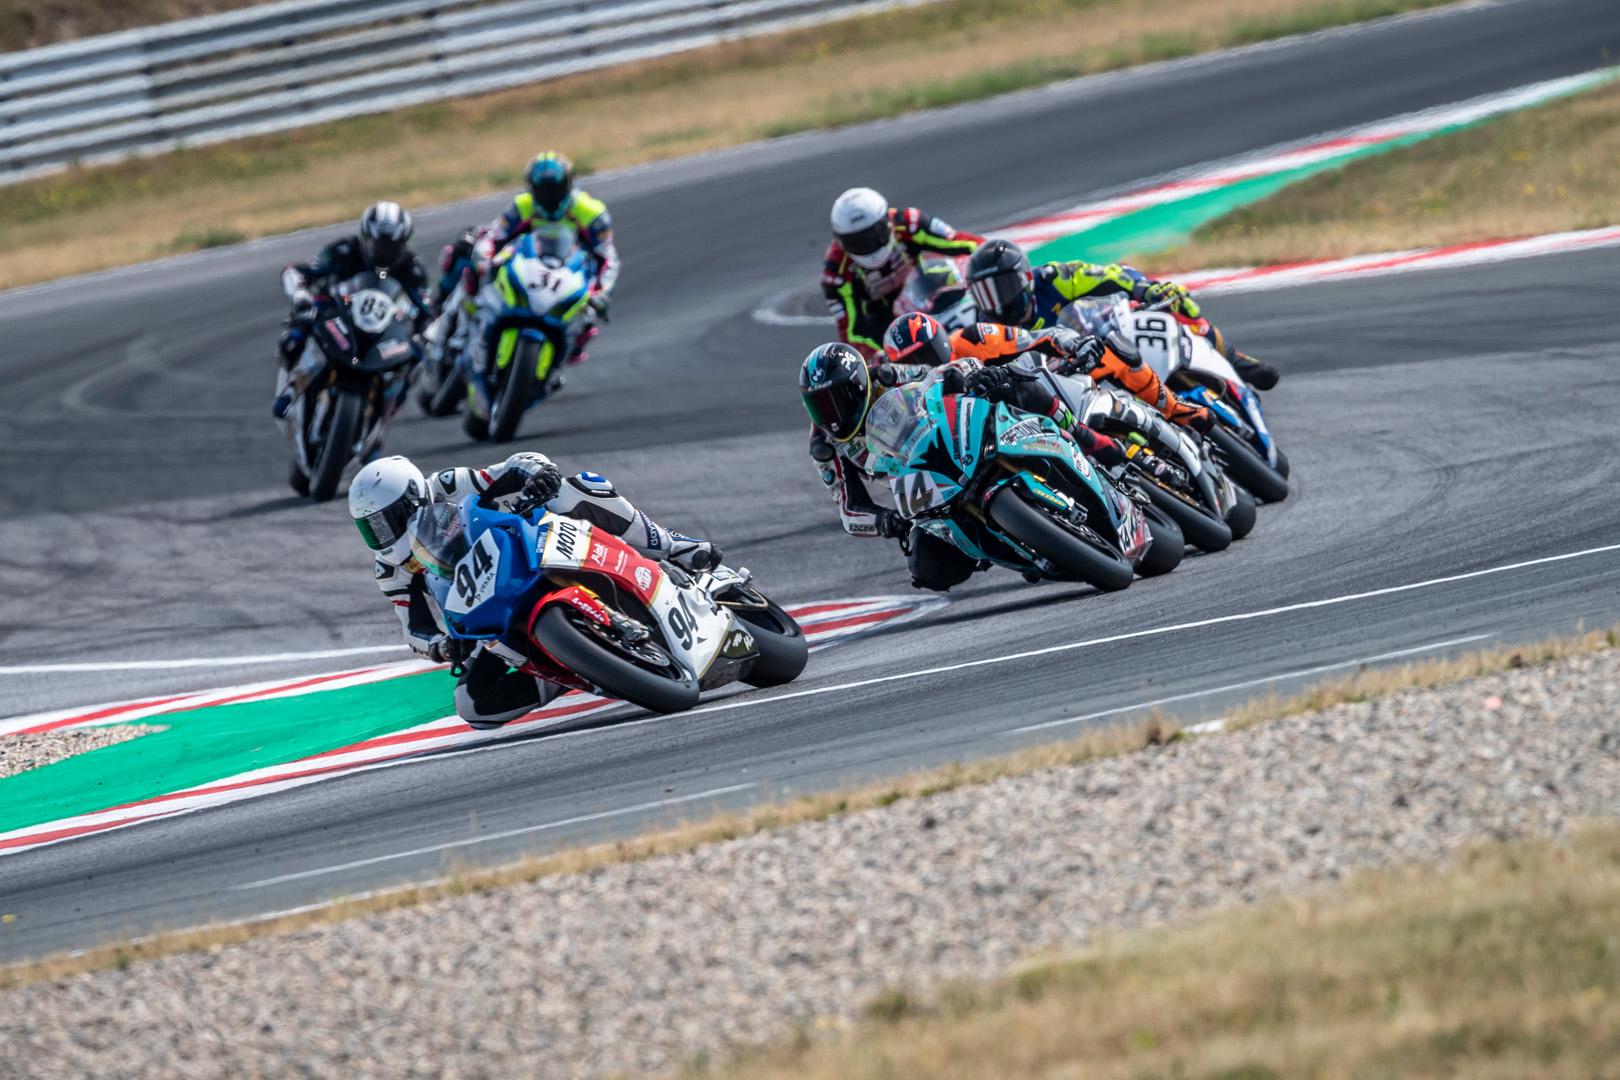 idm_speedweek_samstag_rennen1_81